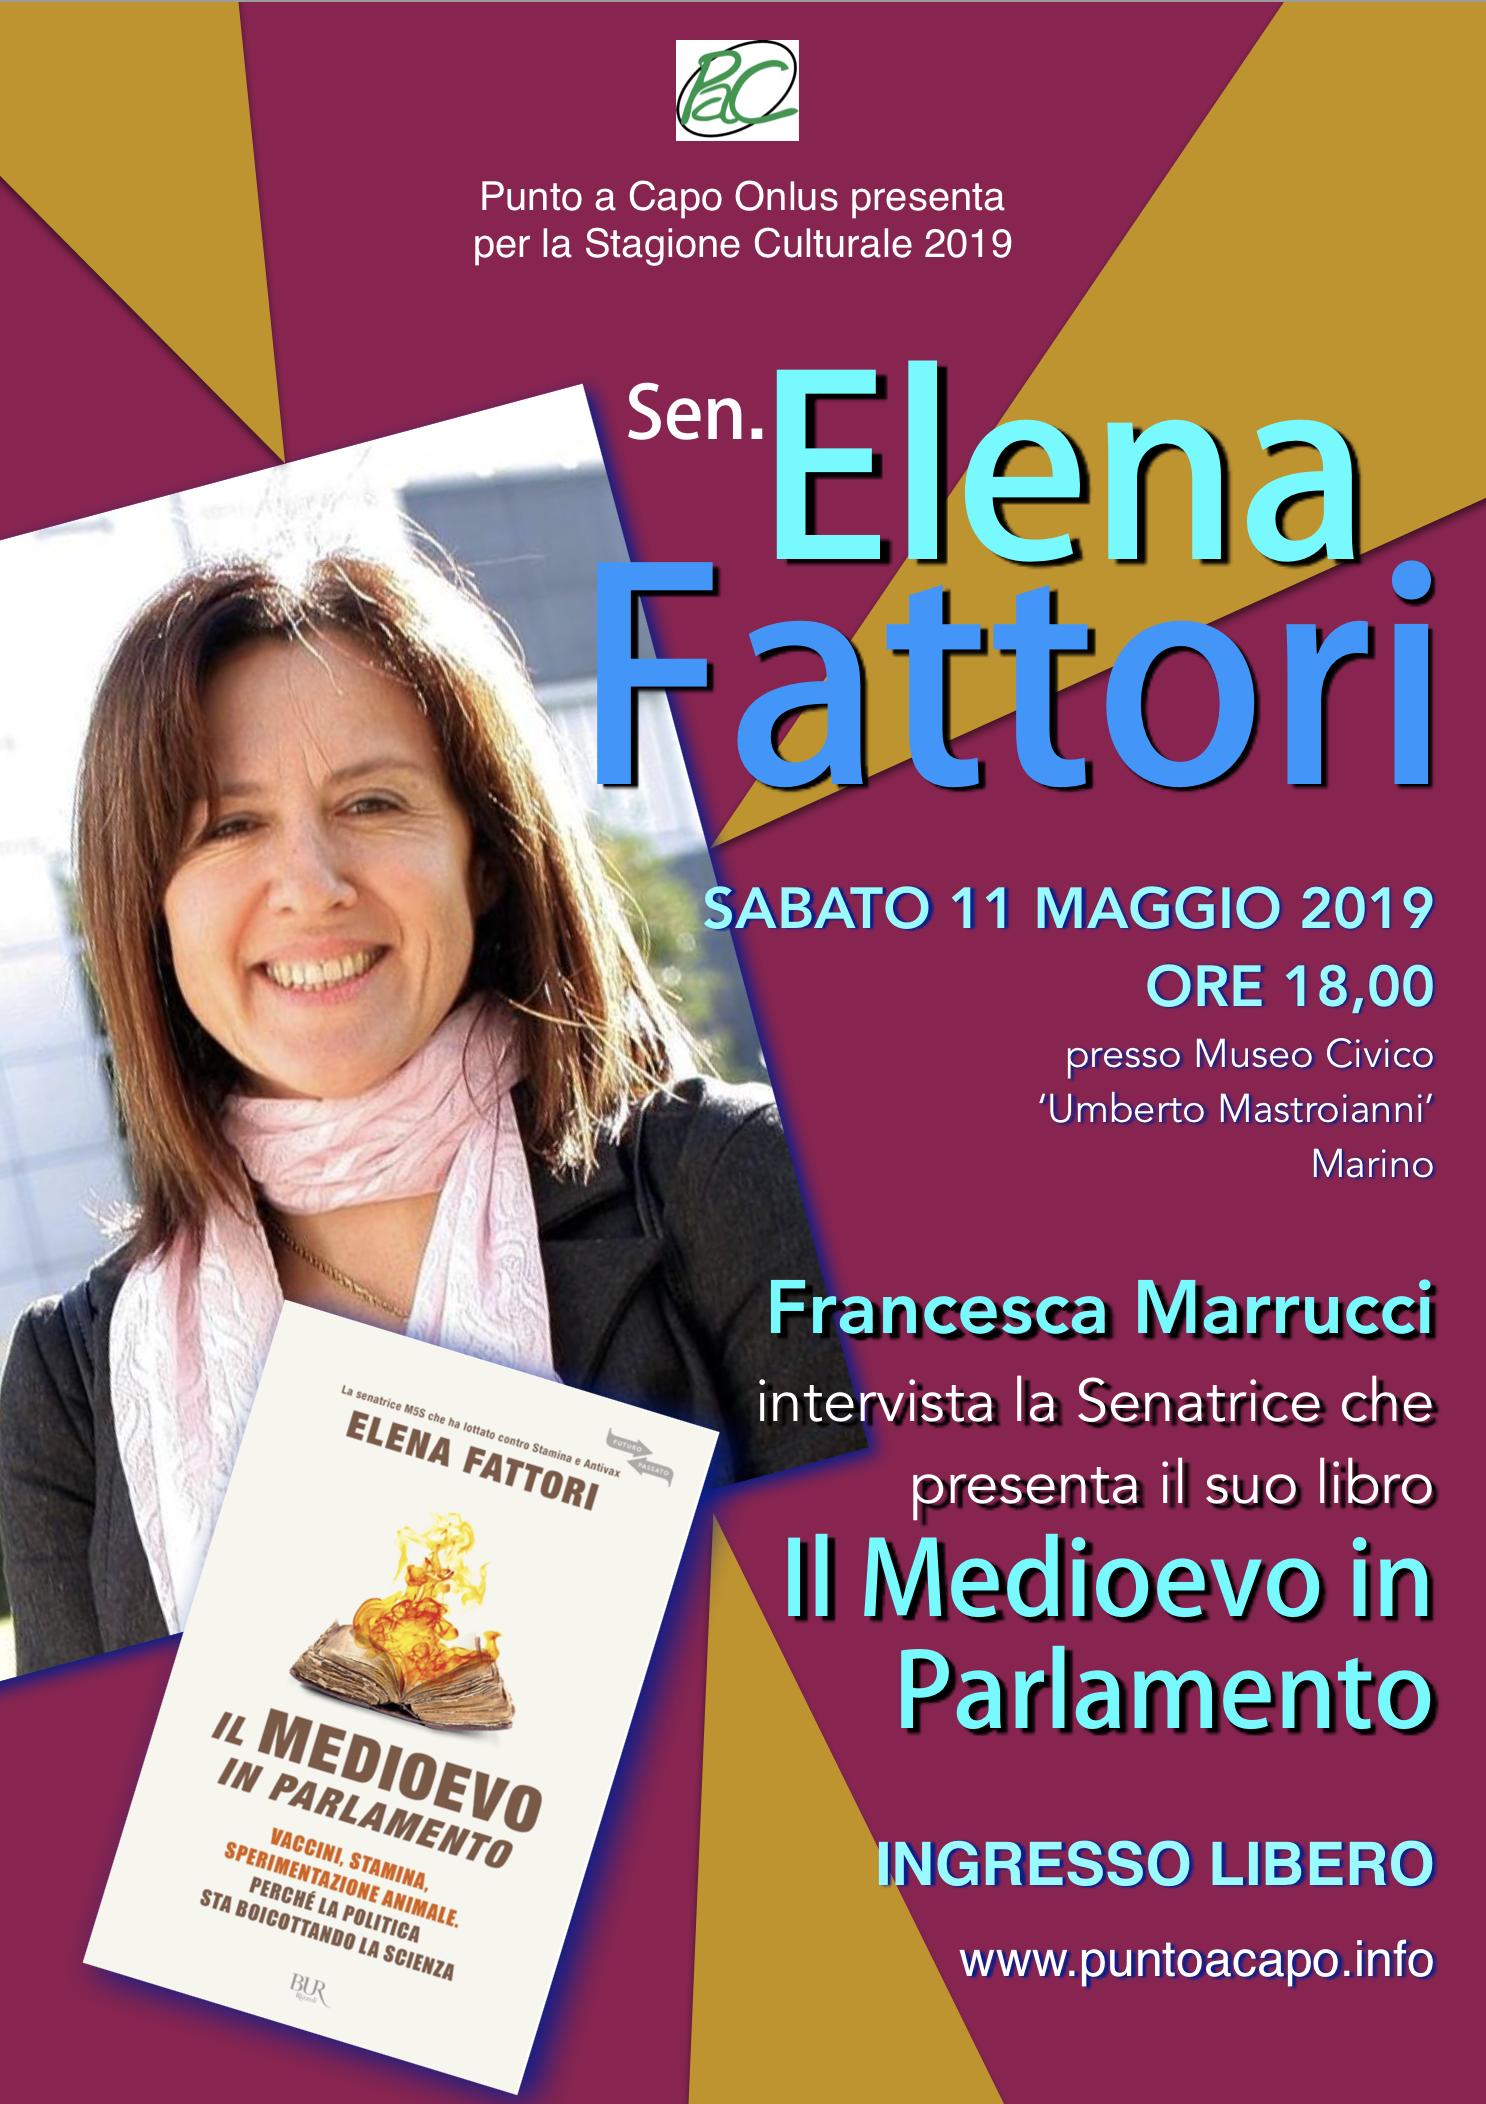 Marino: la Sen. Elena Fattori presenta il suo libro 'Il Medioevo in Parlamento' al Museo Civico